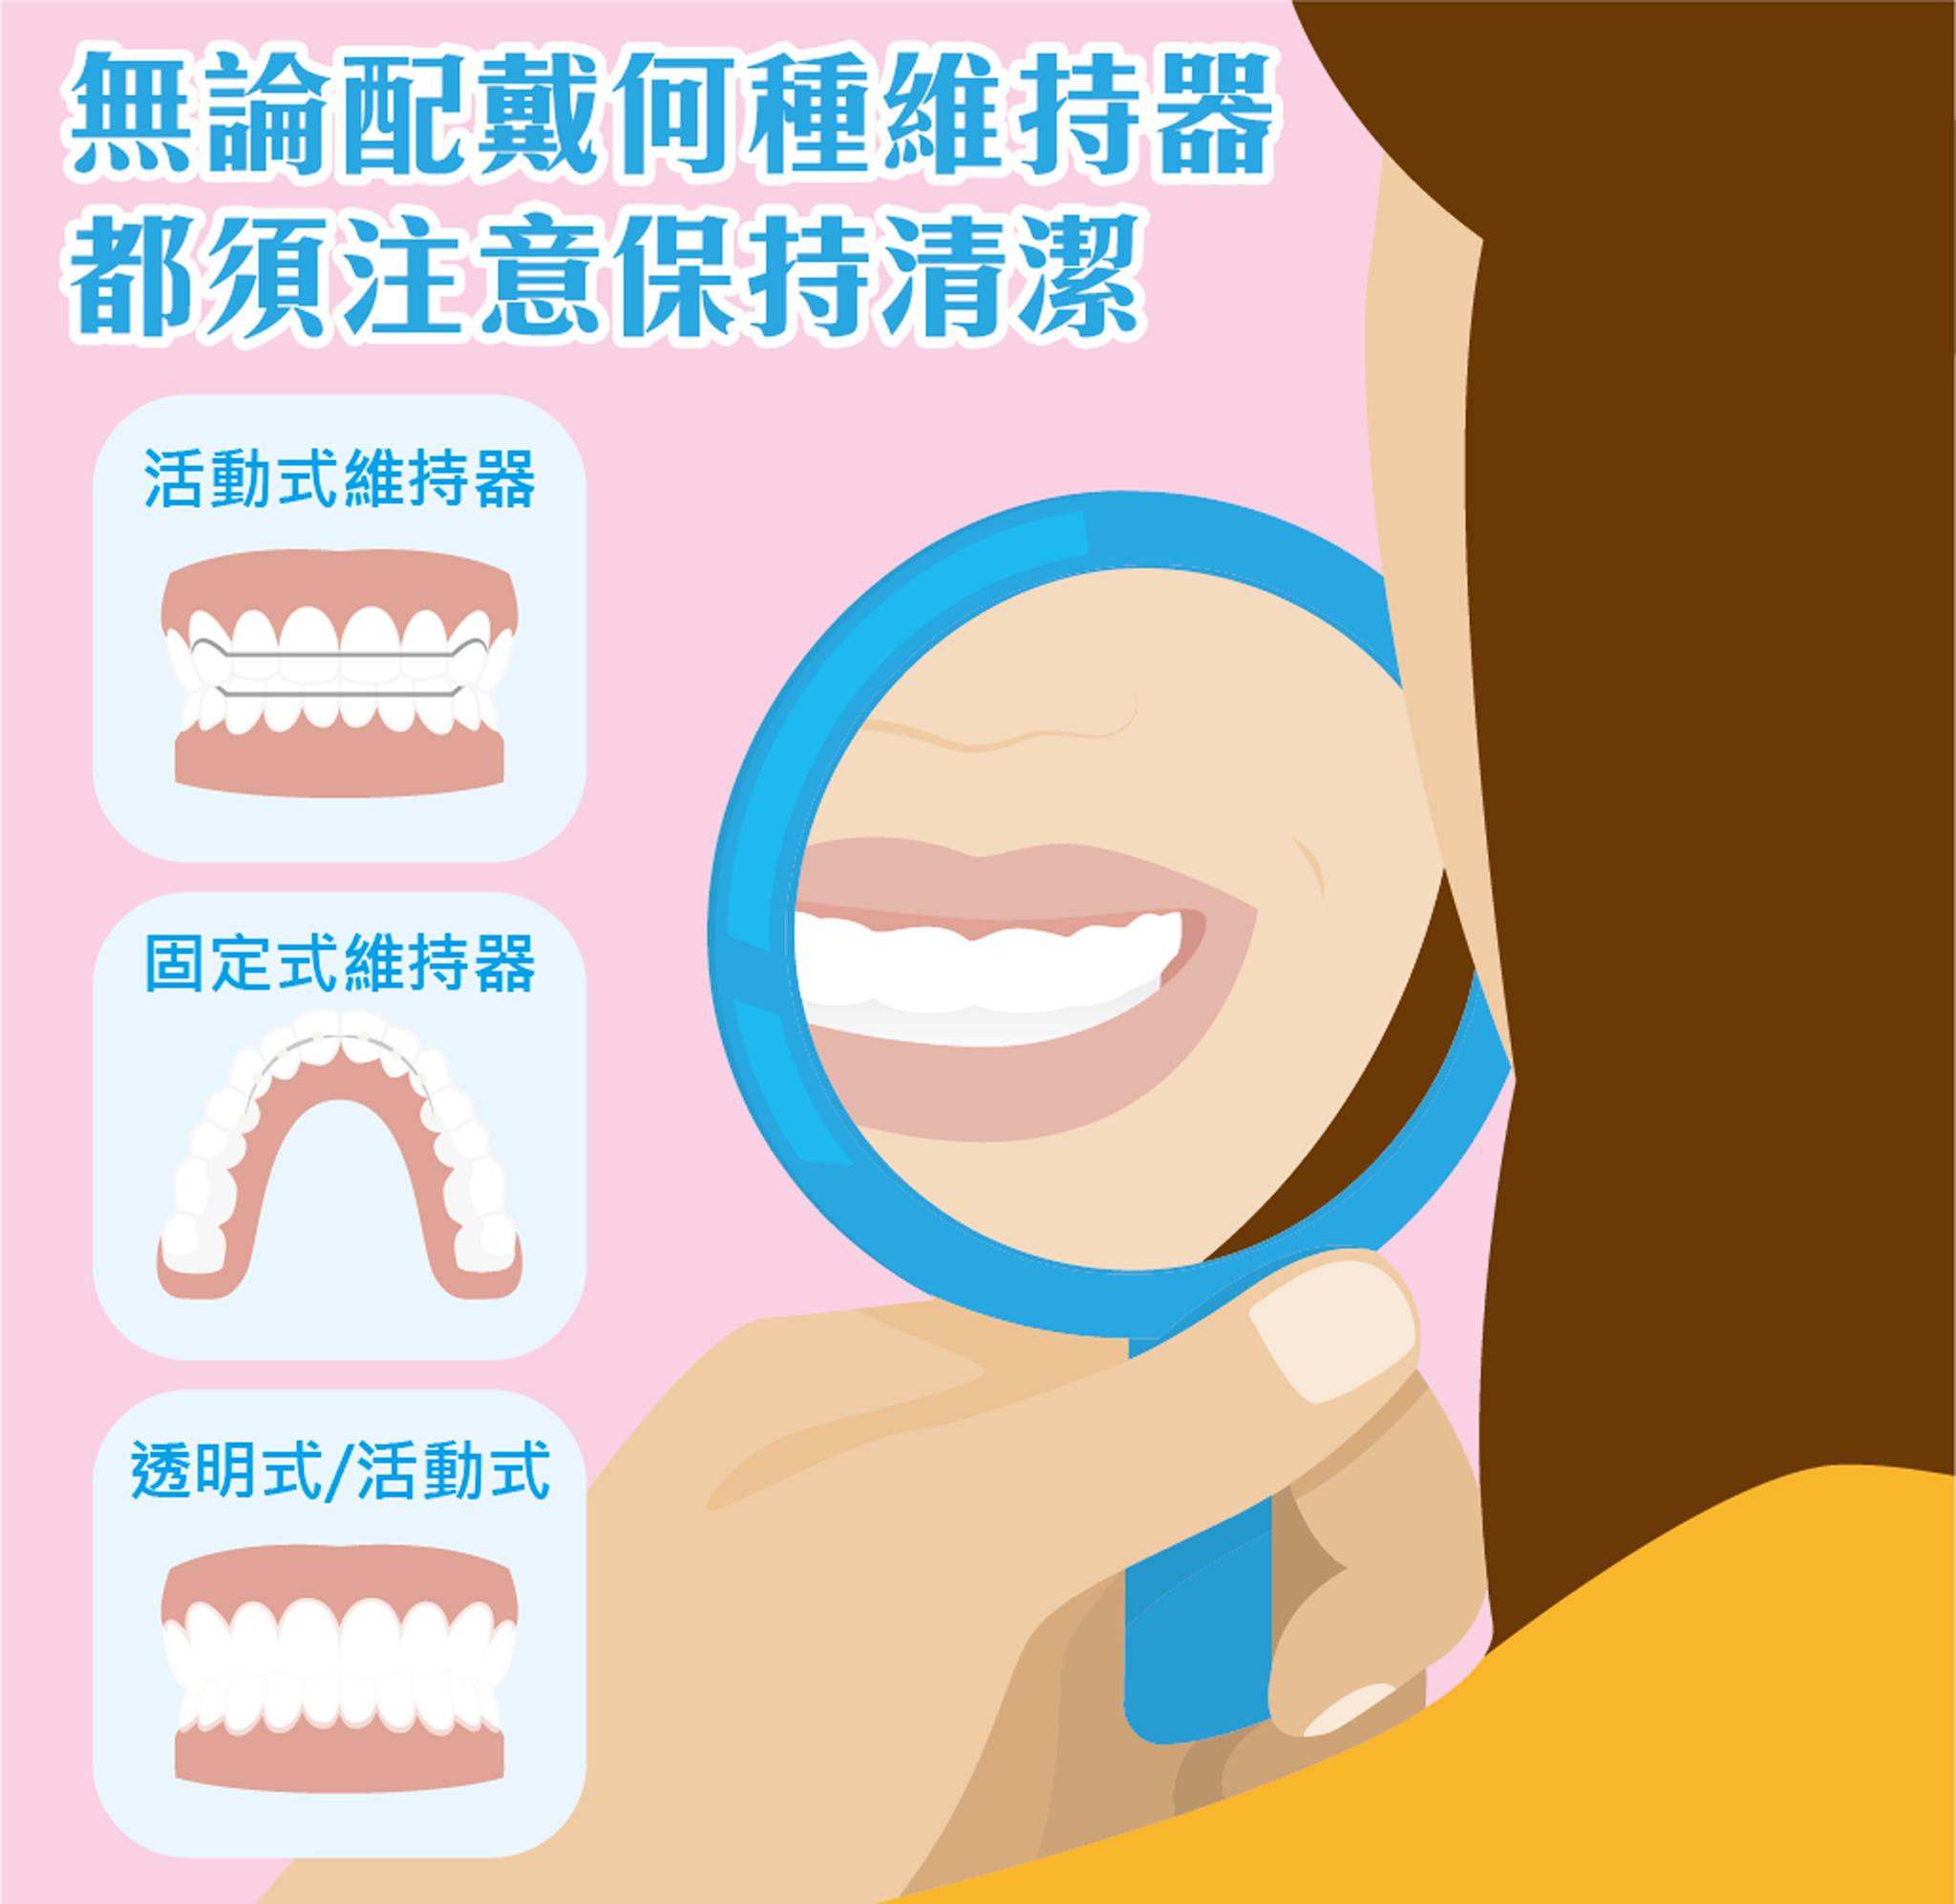 配戴維持器須保持口腔清潔。